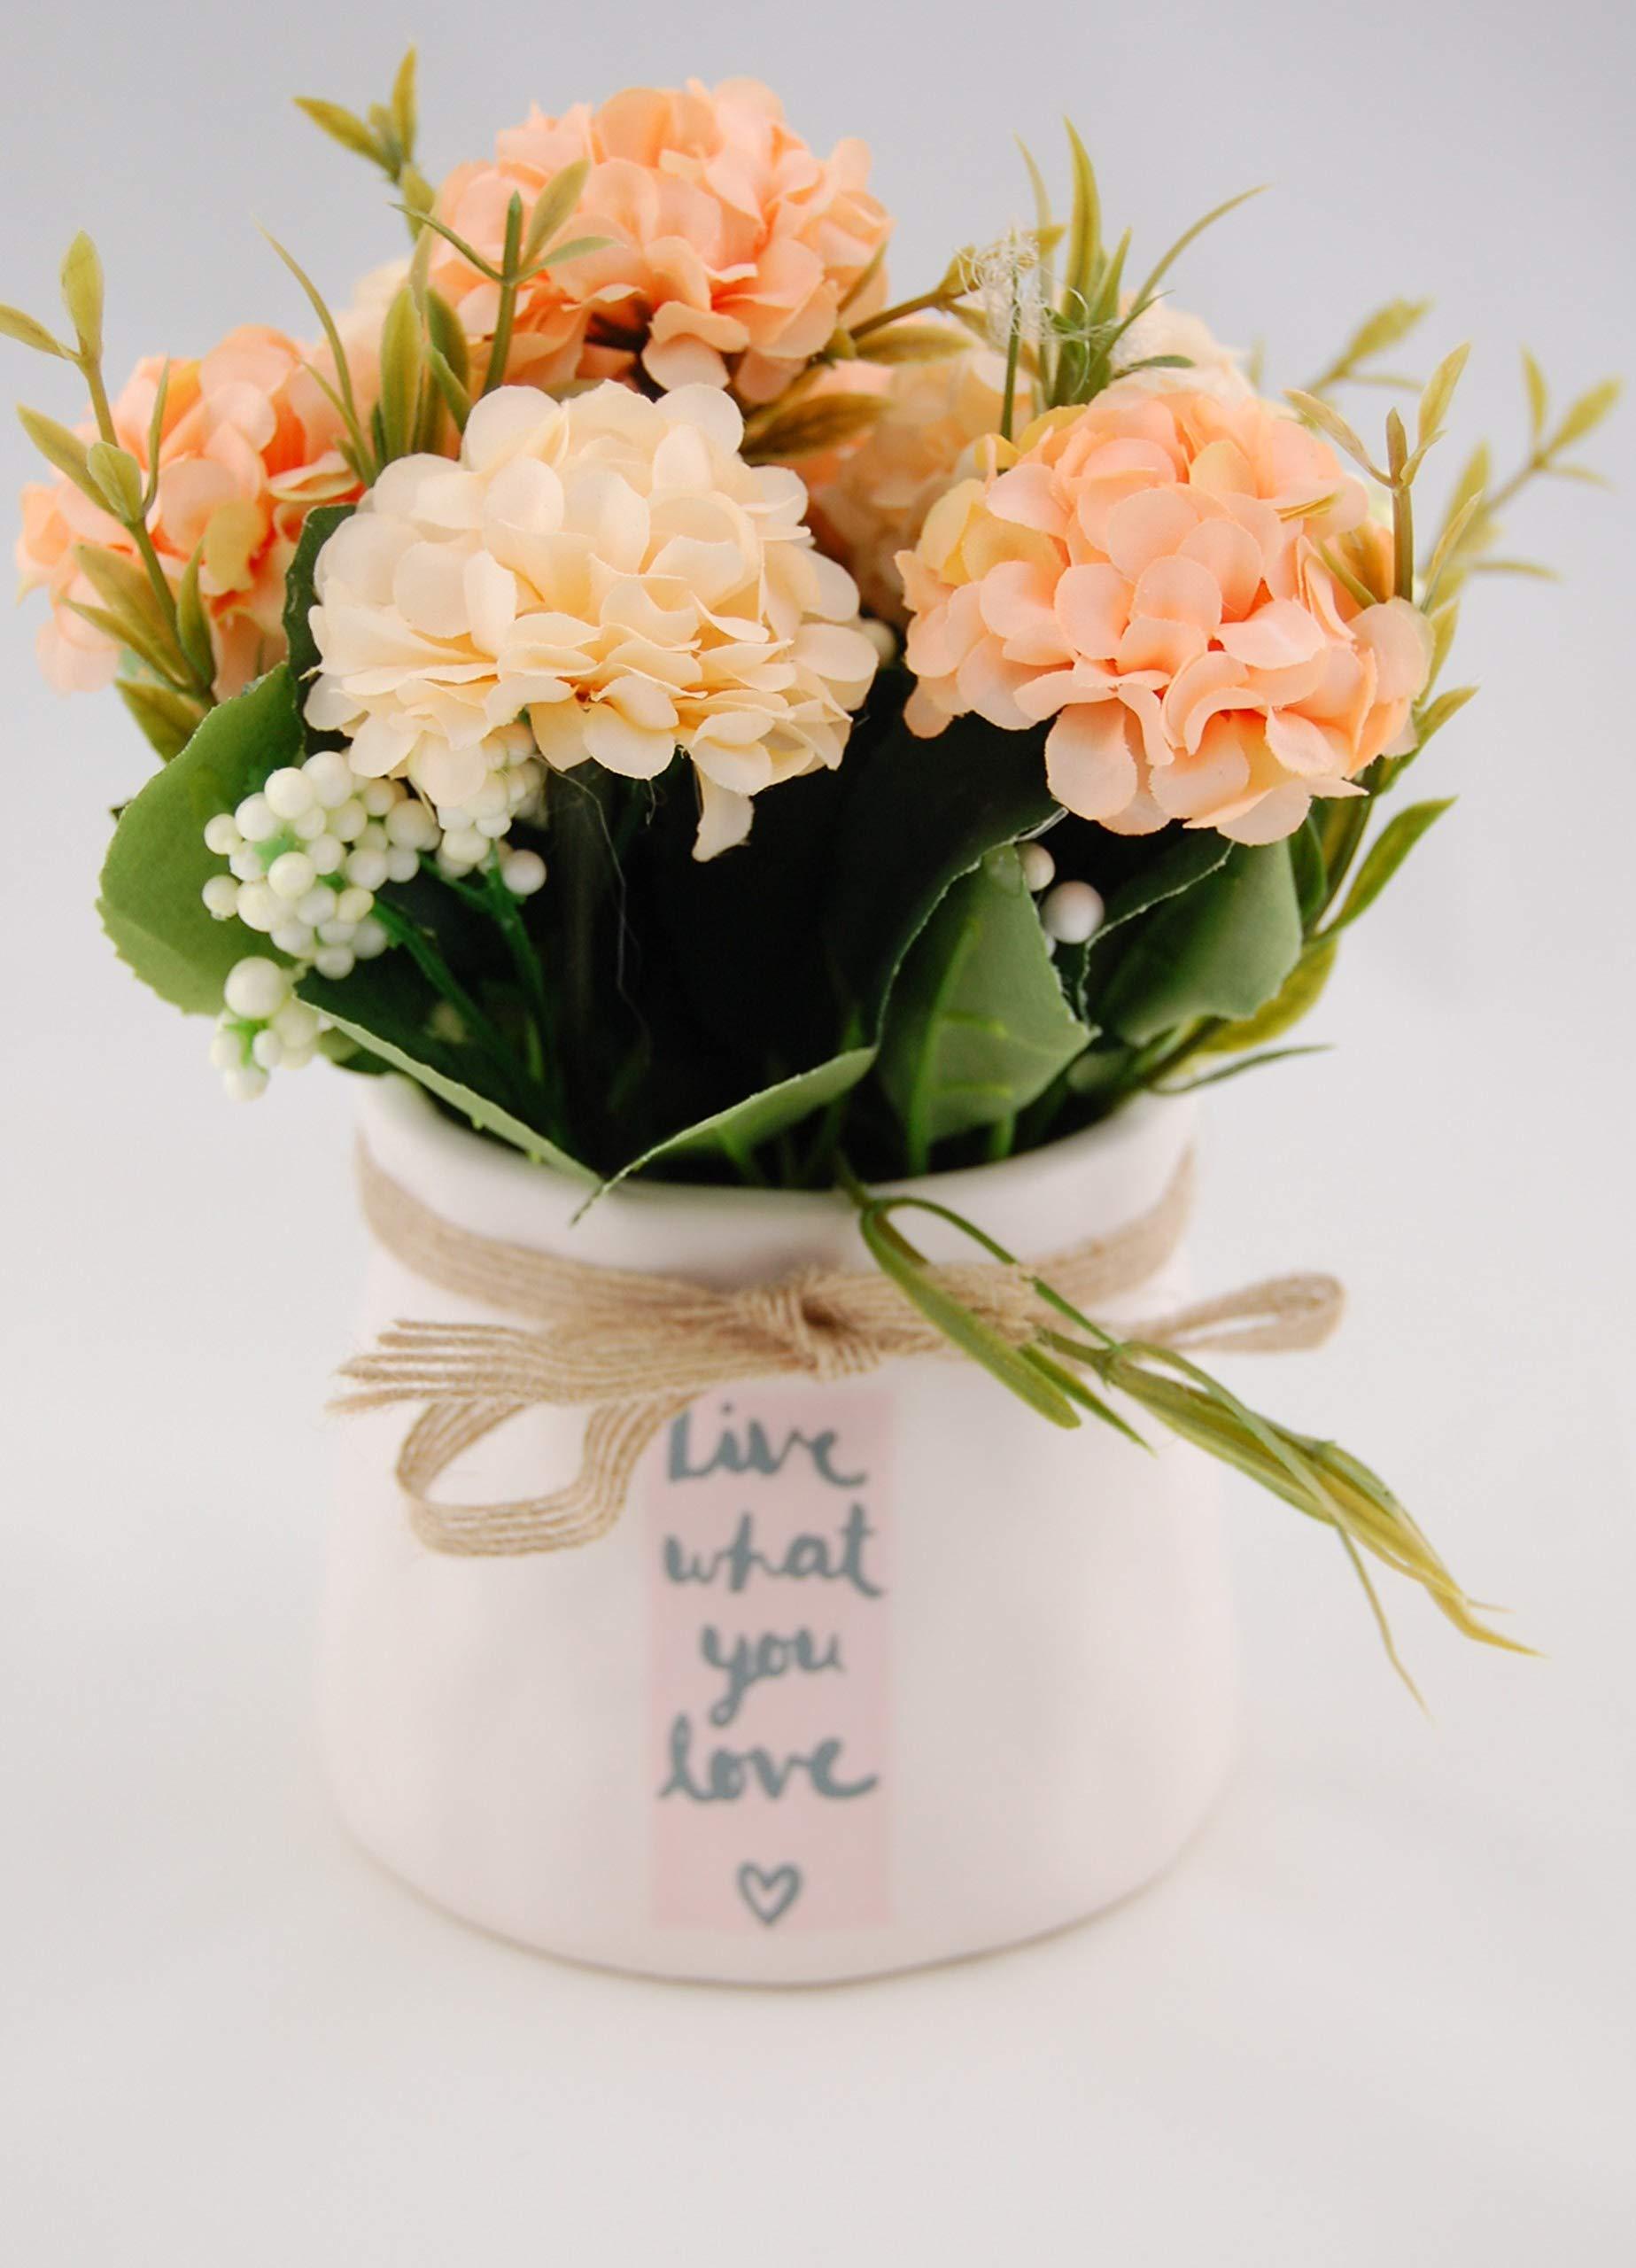 Homevibes Flores Artificiales con Maceta De Ceramica con Frase, Hortensias, Medida 9x17cm, Ideal para Decoracion del…